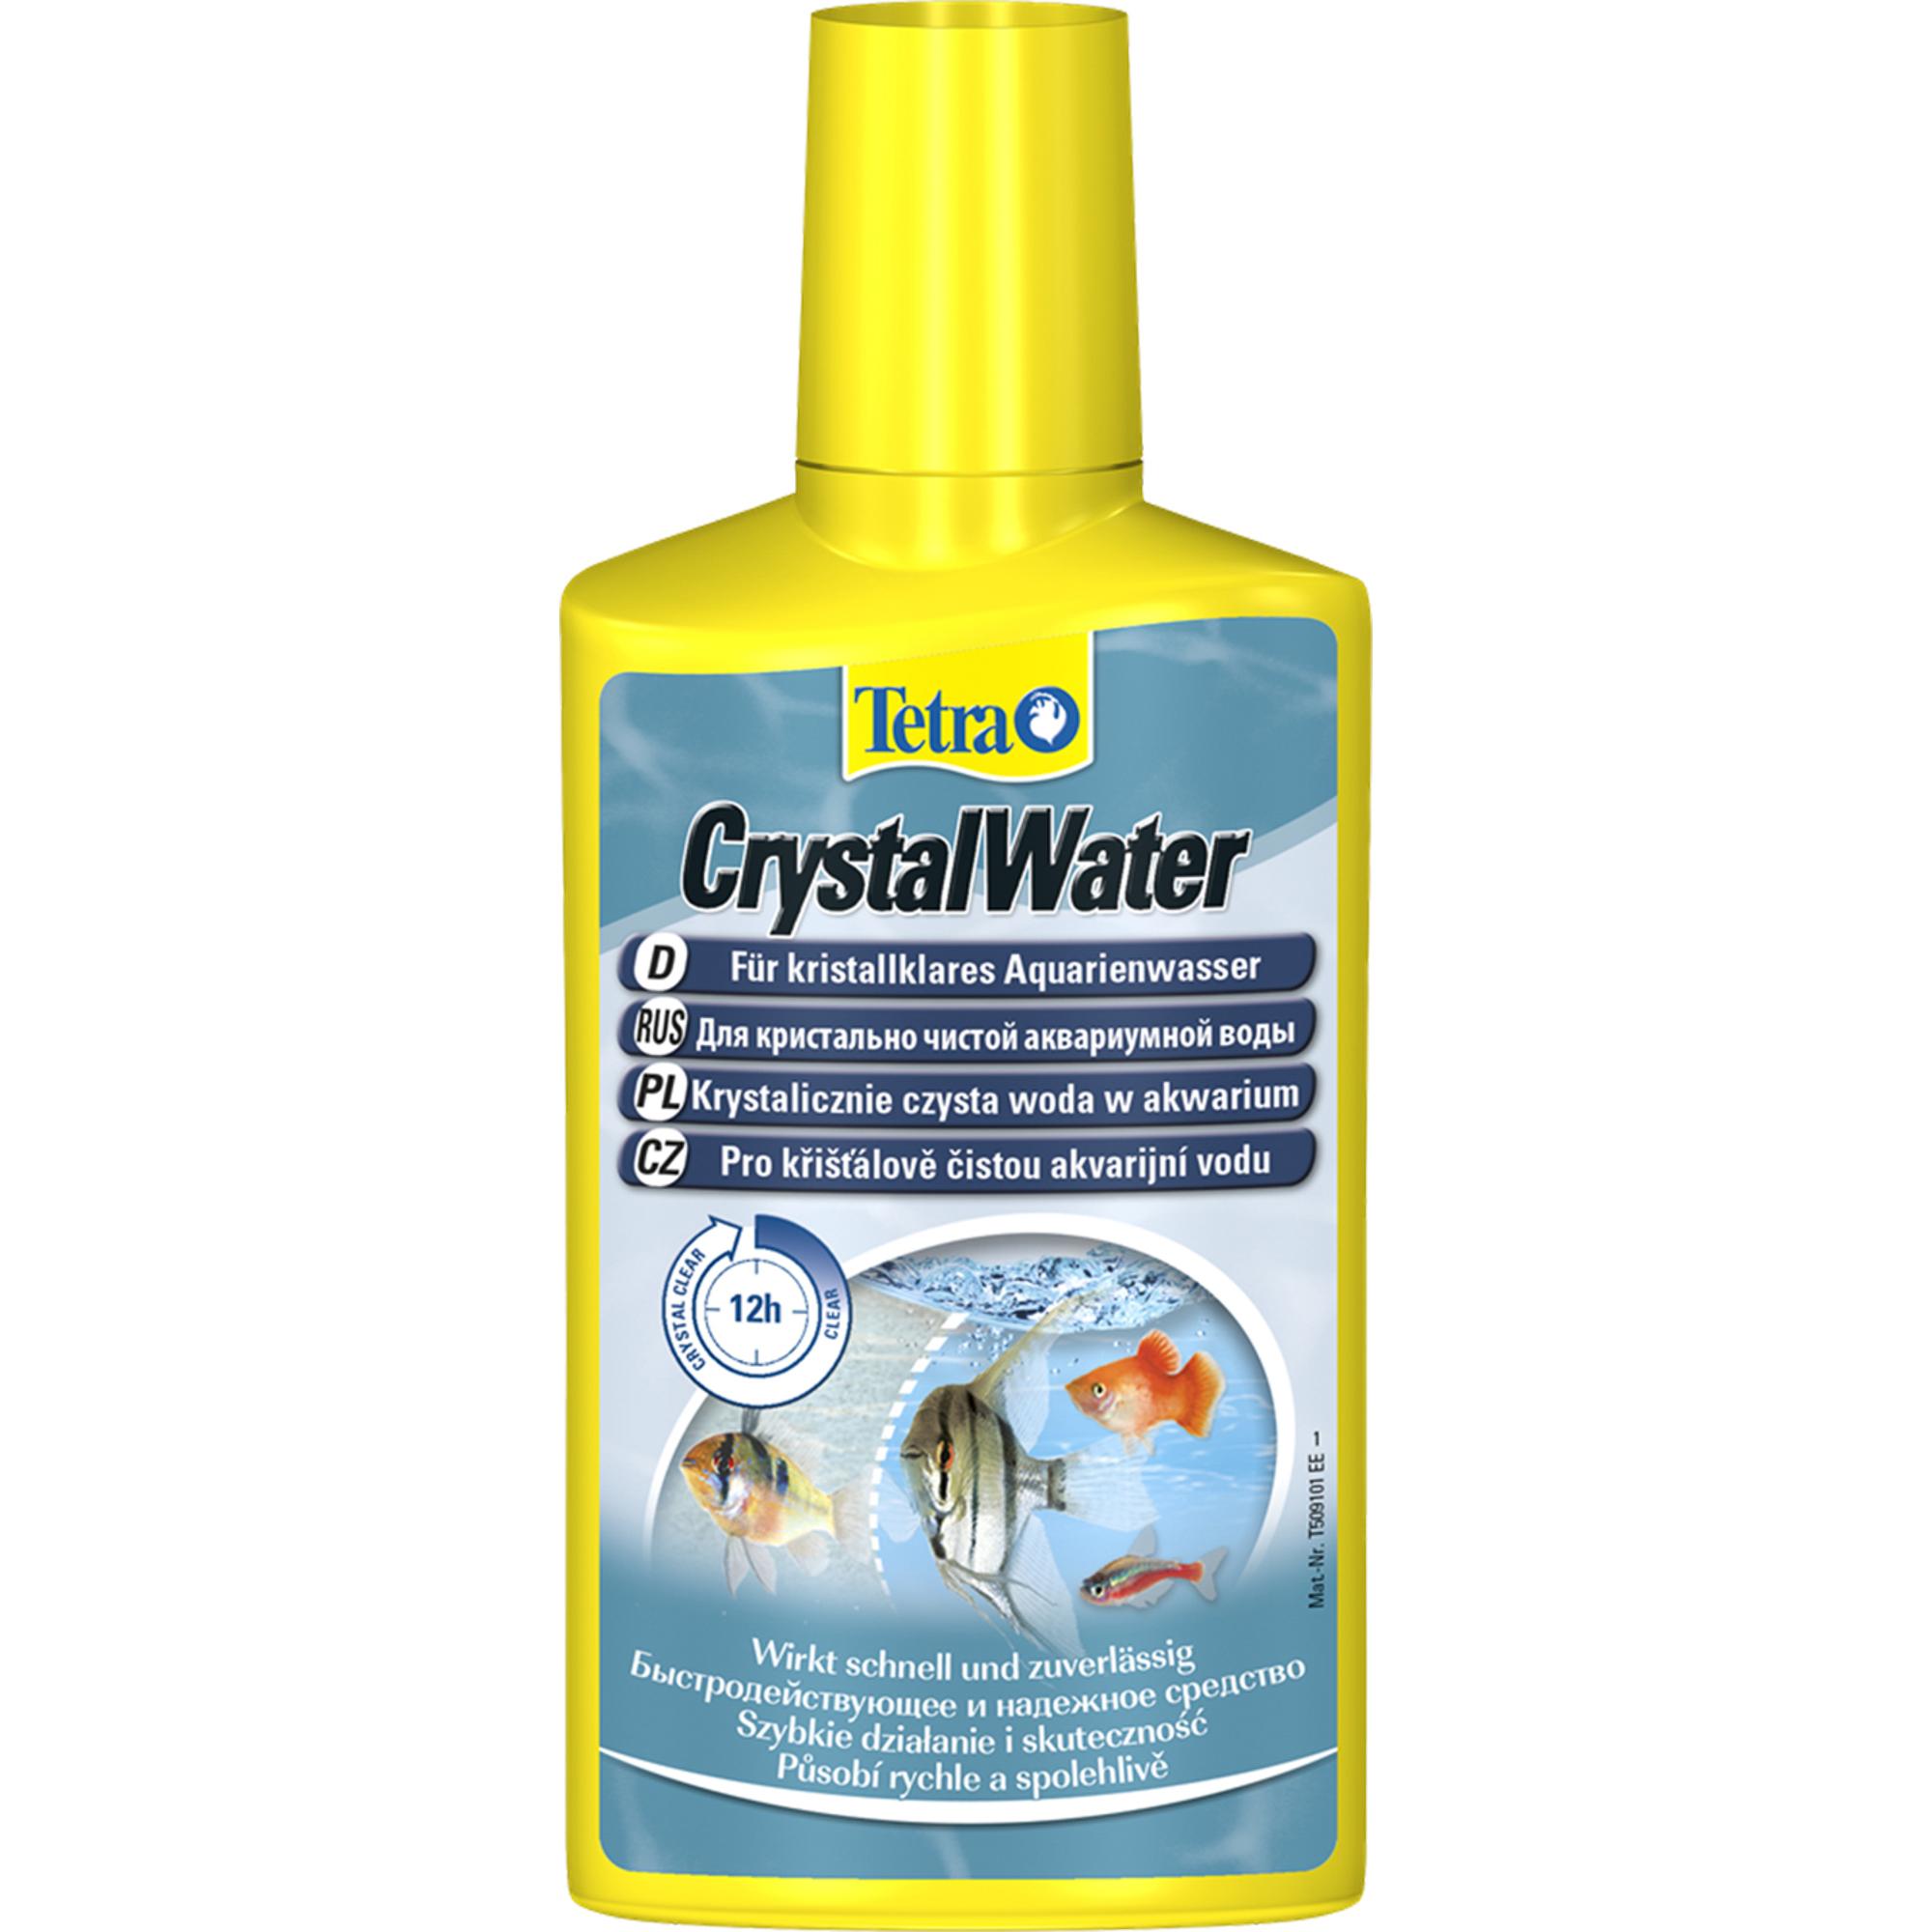 Фото - Кондиционер для очистки воды TETRA Crystal Water 100мл кондиционер tetra pond crystal water для очистки воды от мути в пруду 3л